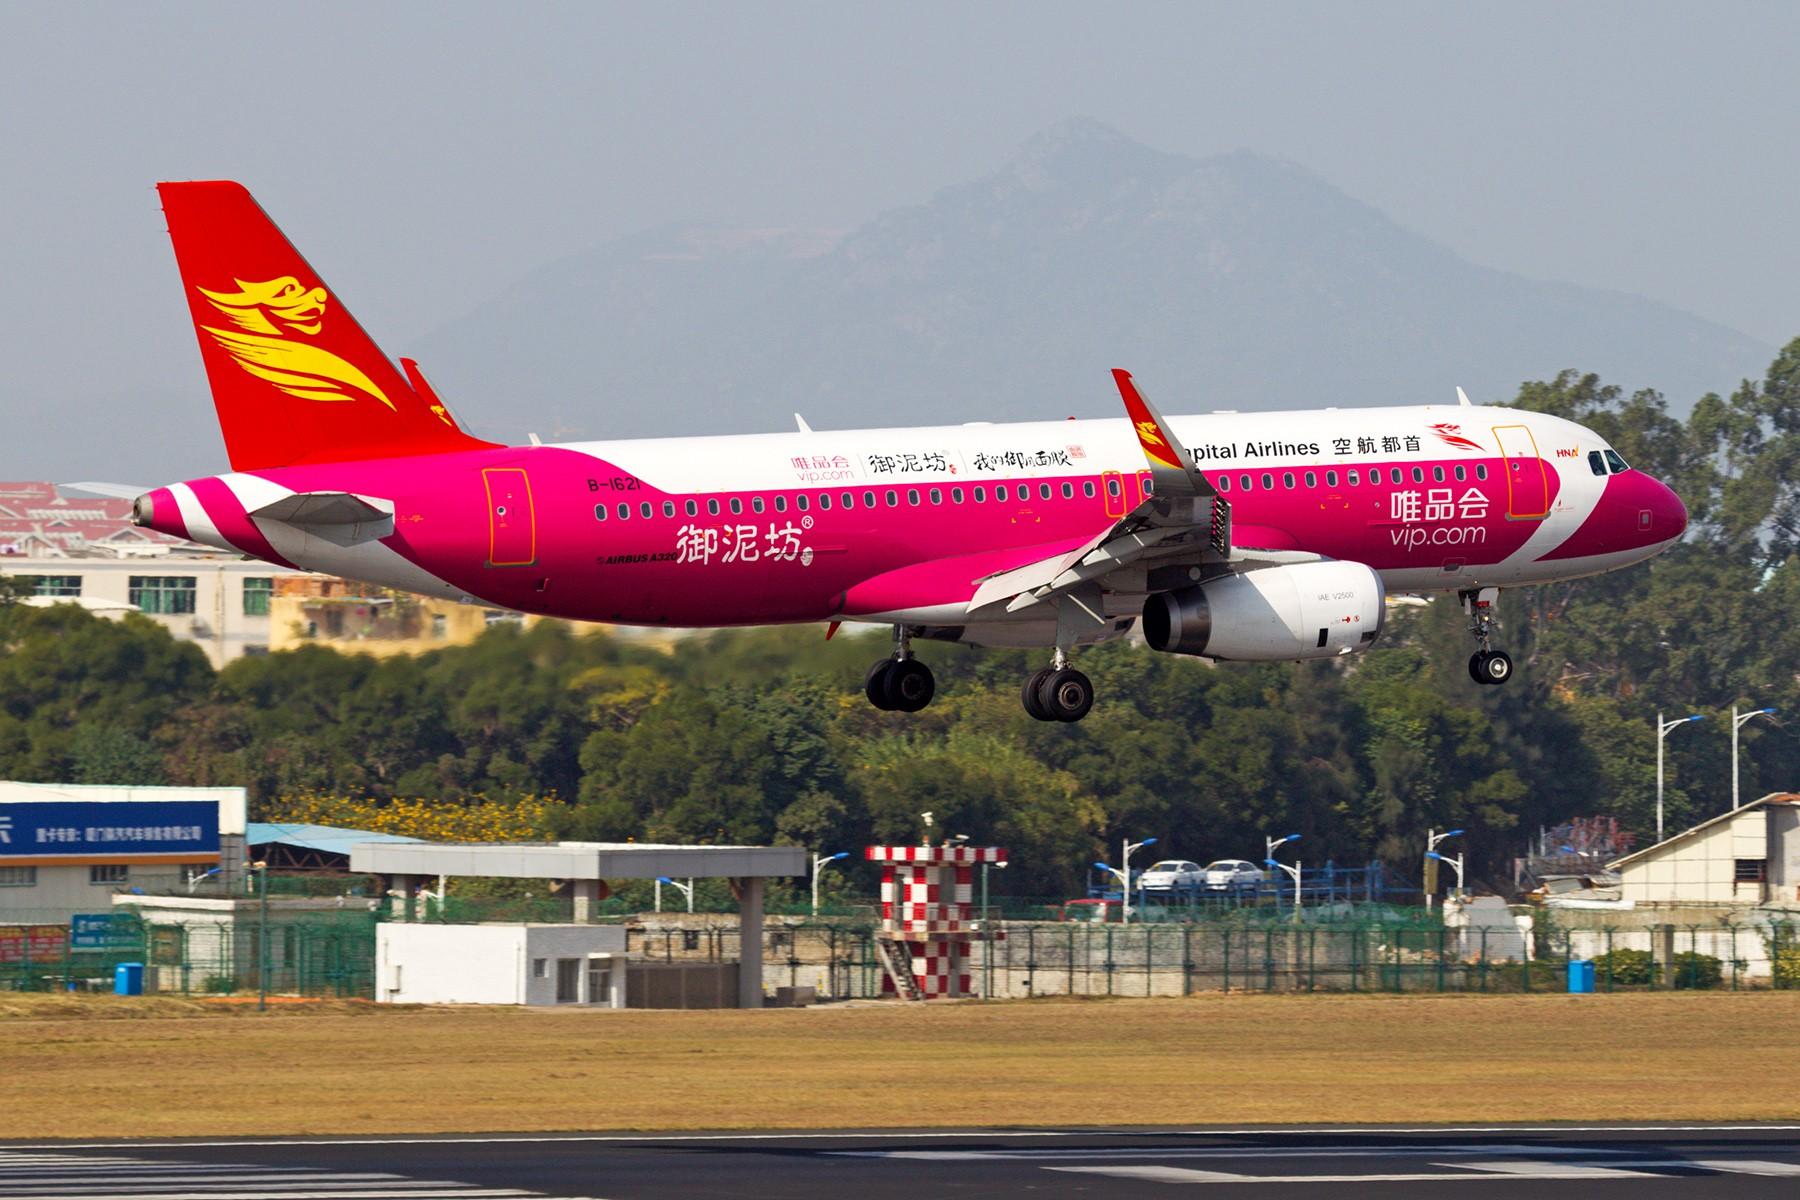 [原创]【BLDDQ】******有阳光、带地景,雾霾奈我何?****** AIRBUS A320-200 B-1621 中国厦门高崎国际机场